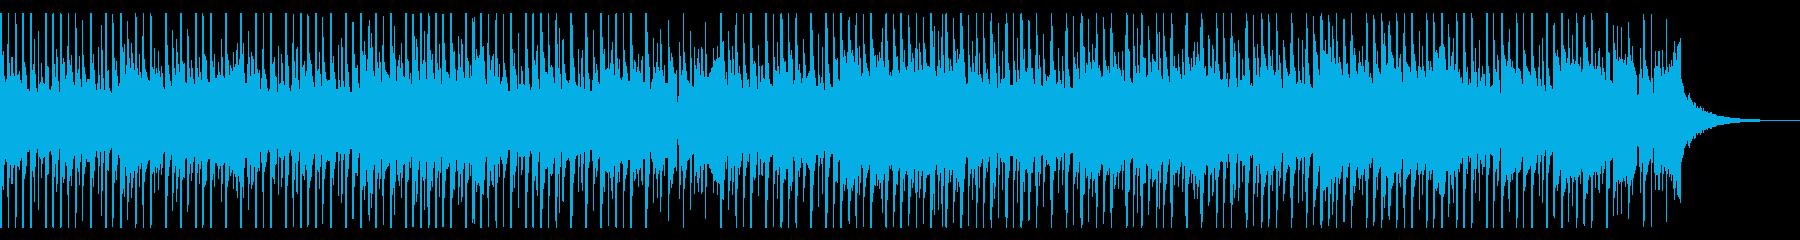 モチベーション戦略(60秒)の再生済みの波形